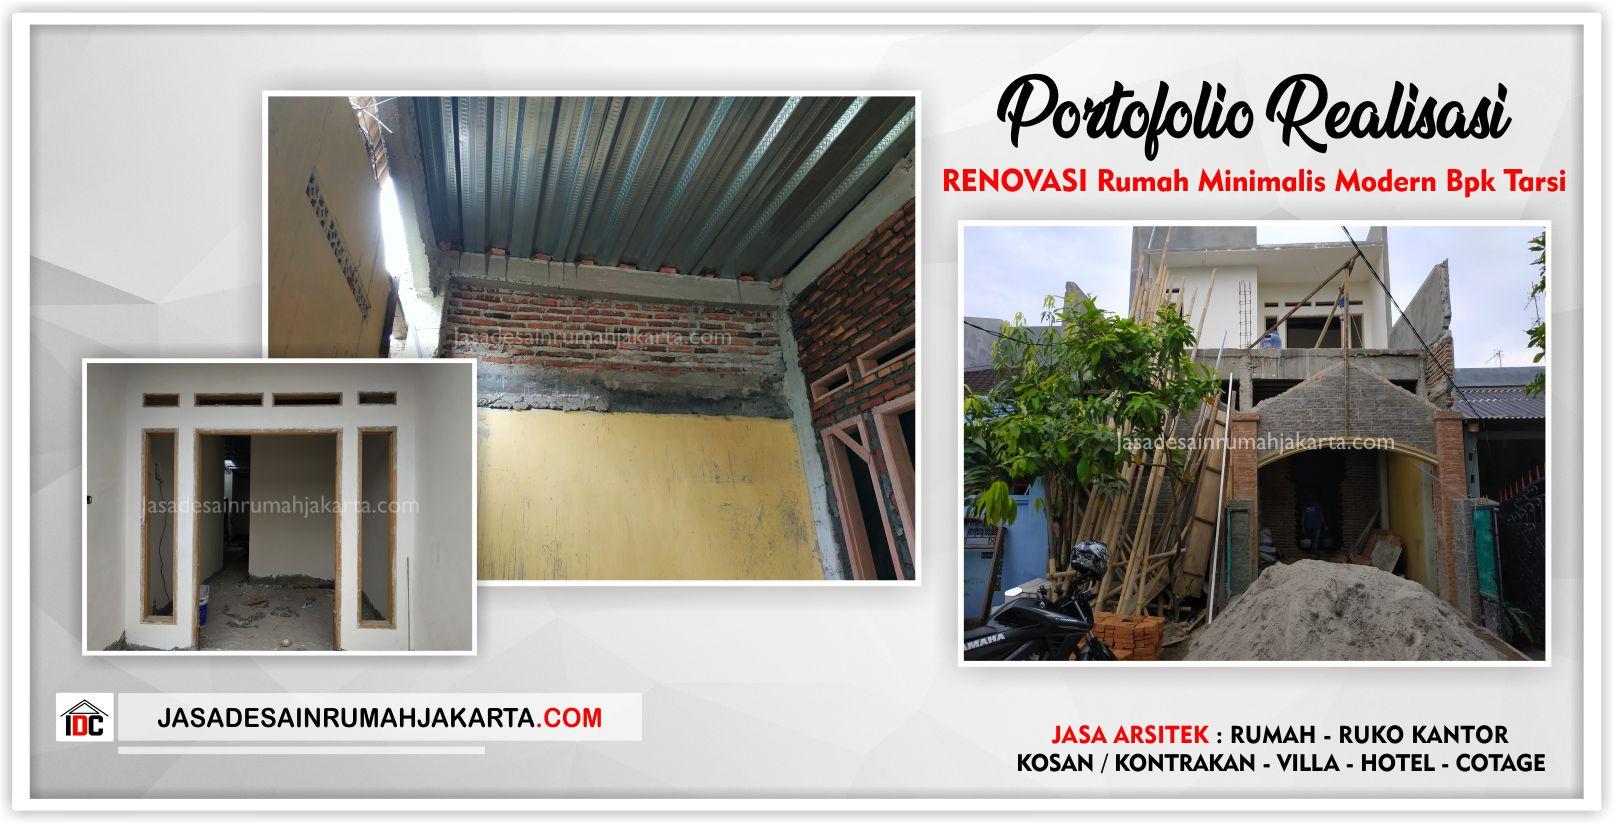 Realisasi Kunjungan Rumah Bpk Tarsi-Arsitek Gambar Desain Rumah Minimalis Modern Di Tangerang-Jakarta-Surabaya-Bekasi-Bandung-Jasa Konsultan Desain Arsitek Profesional 1